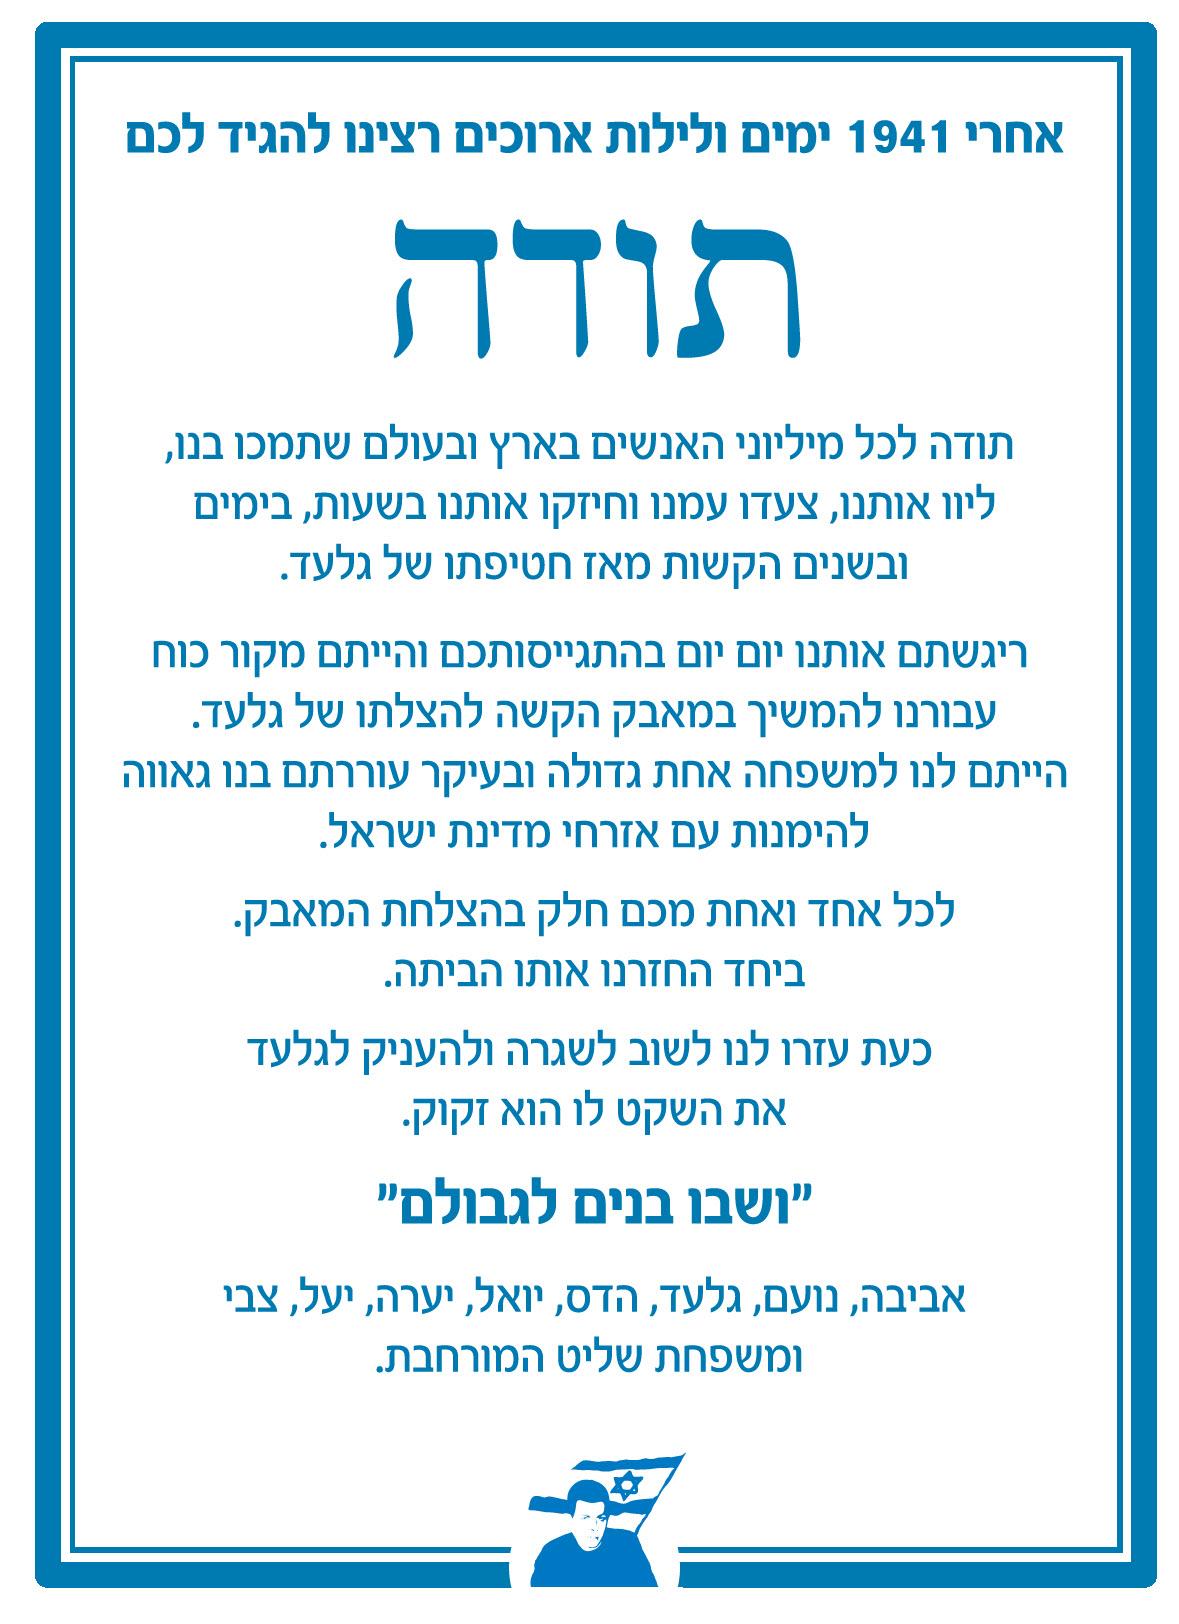 משפחת שליט מודה לעם ישראל במודעה בעיתון